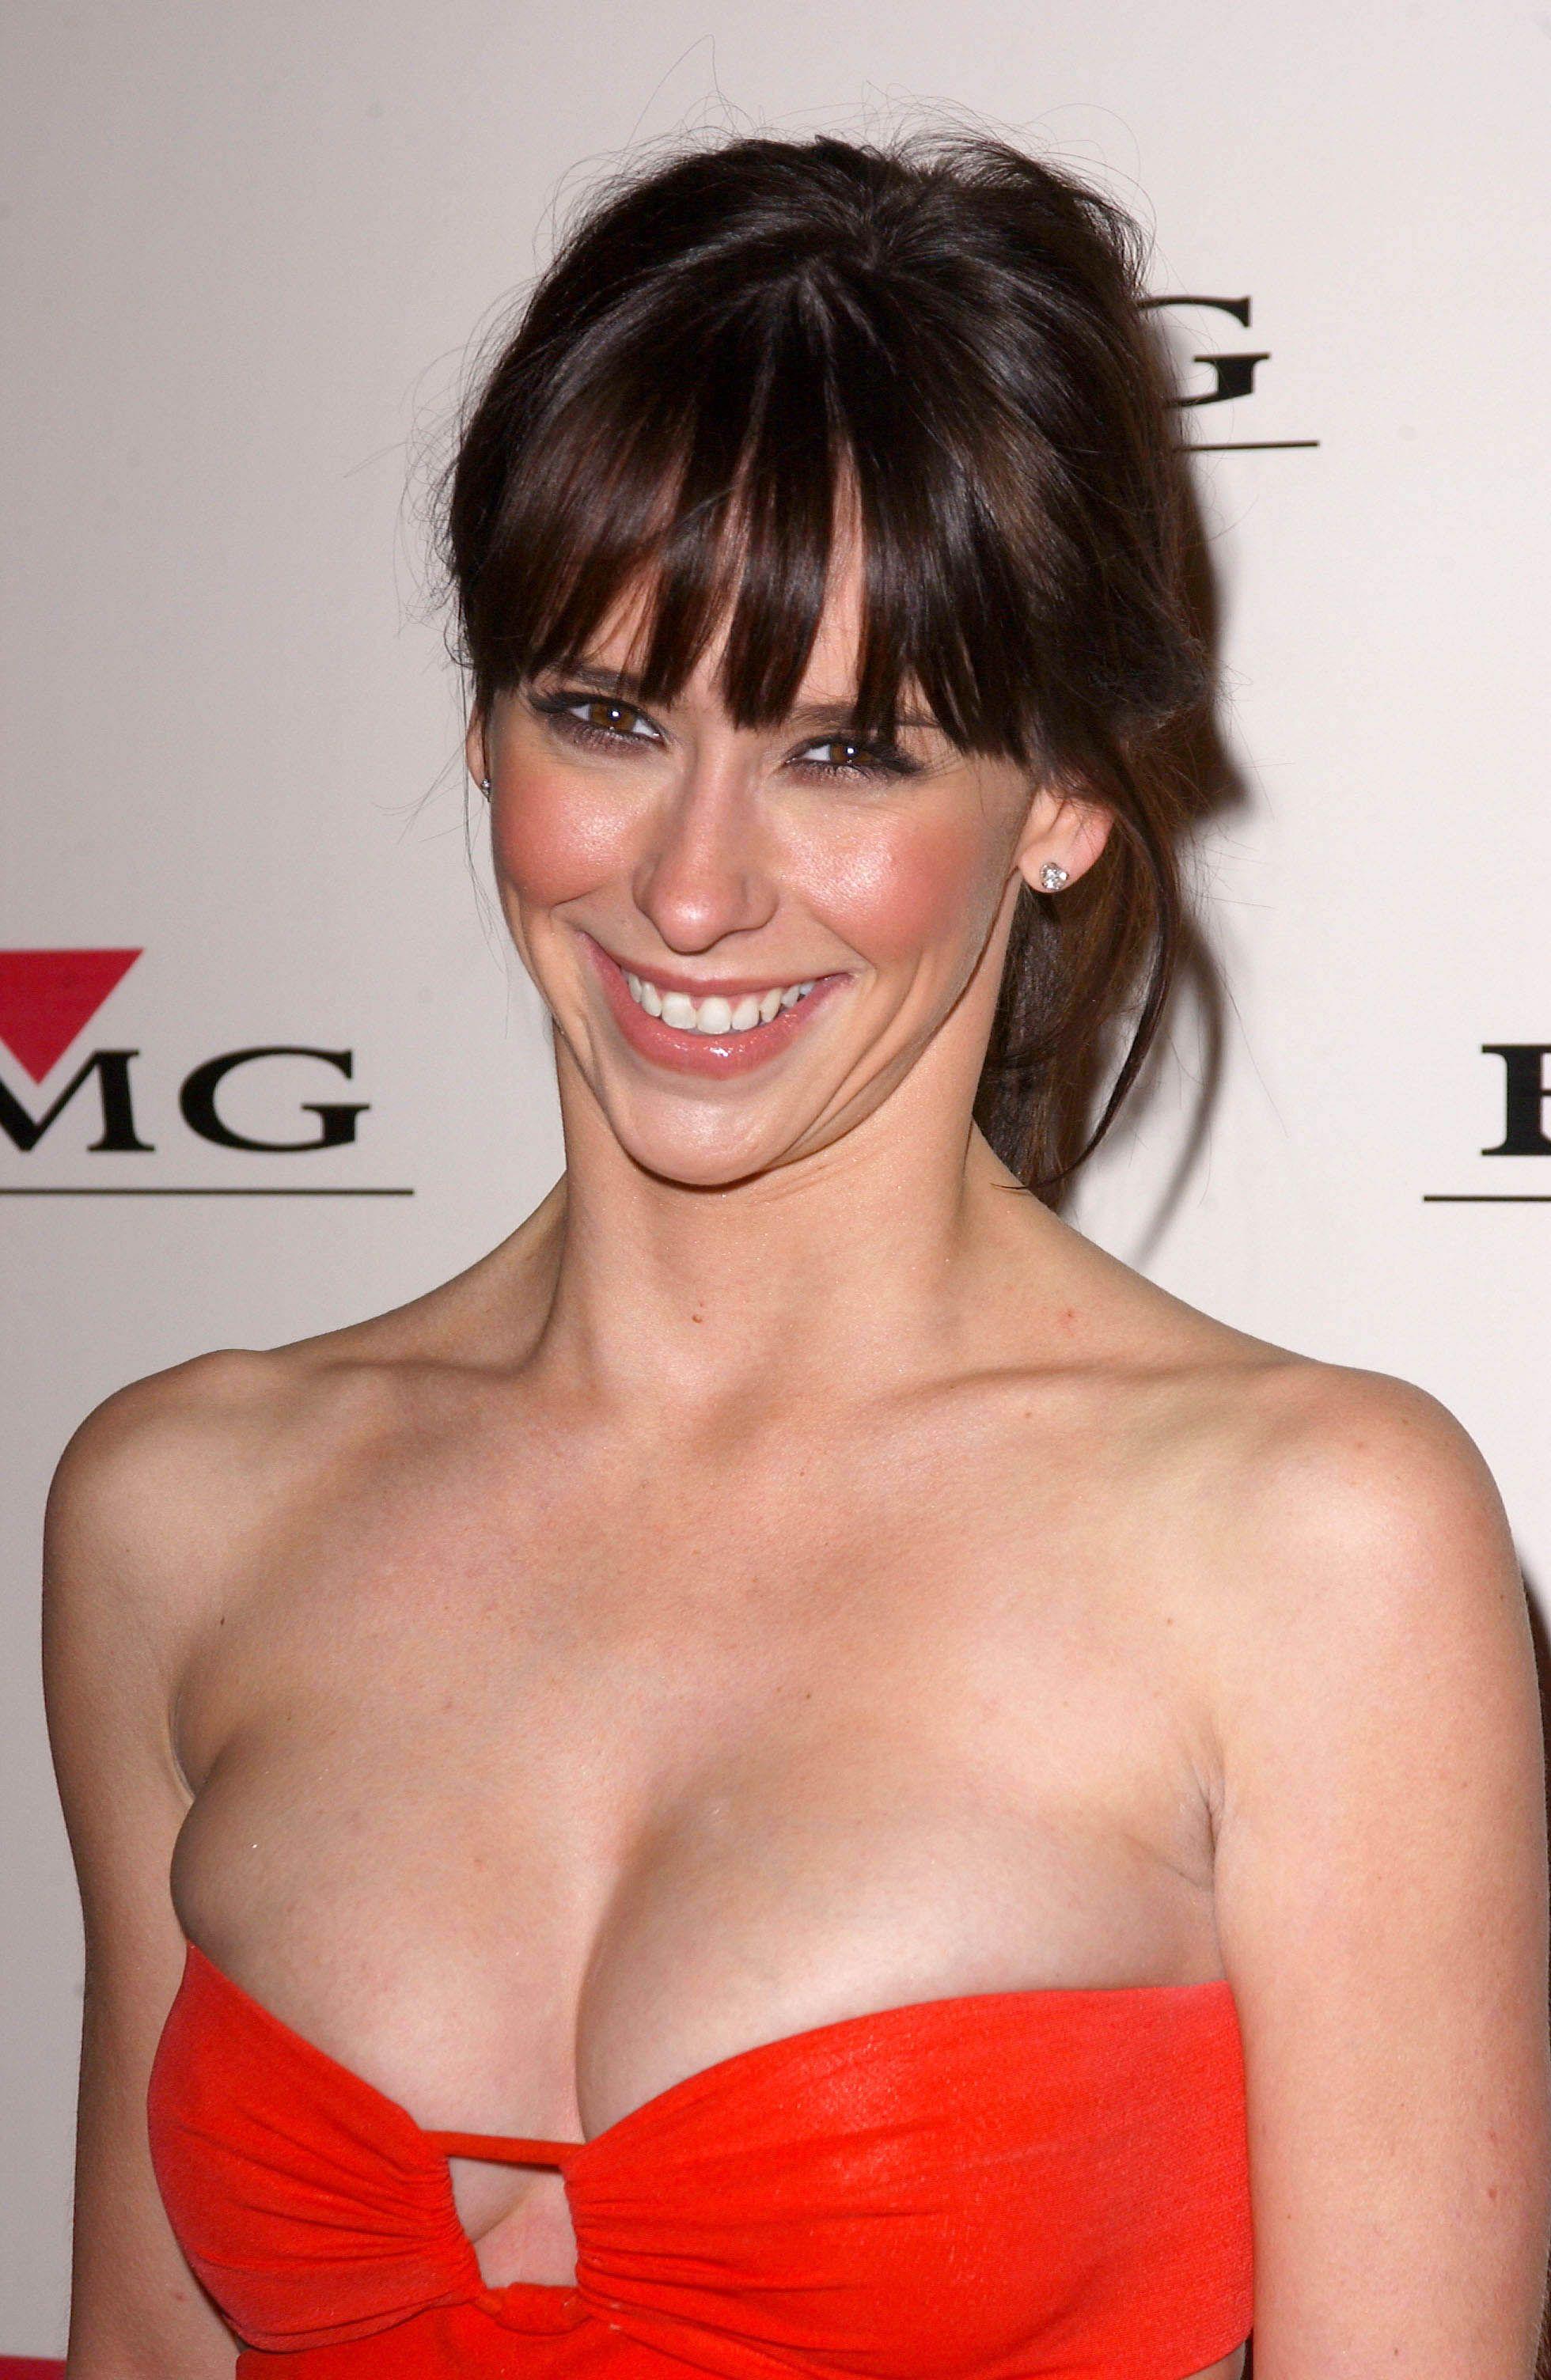 Jennifer liebt Hewitt Pornofilme